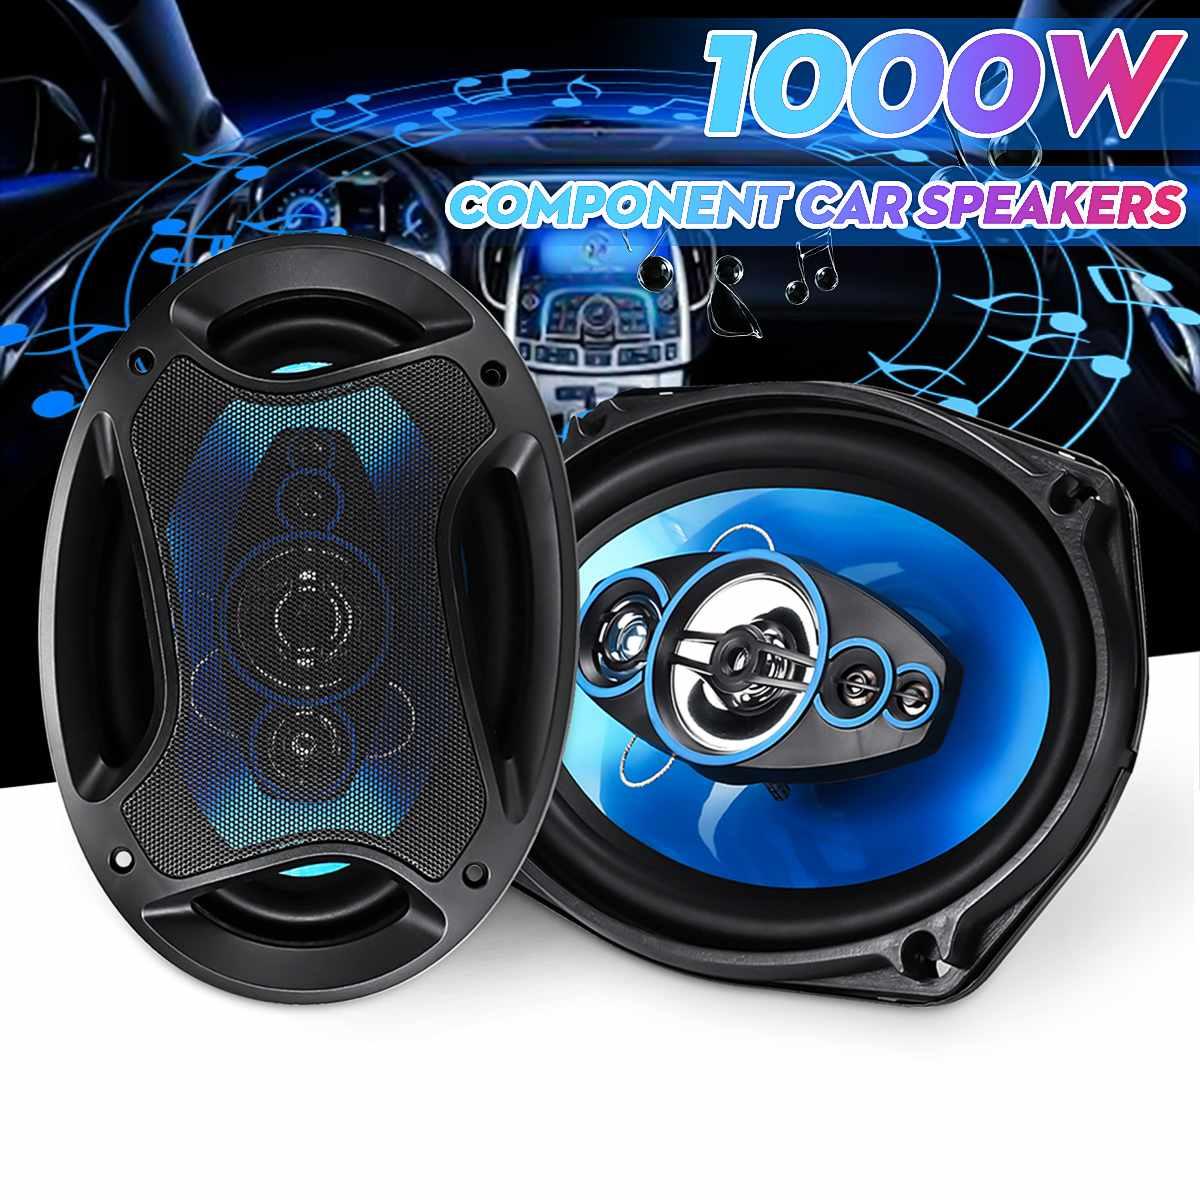 2 uds 6x9 pulgadas 1000W 2 del coche del vehículo altavoz Coaxial Audio de coche de música estéreo altavoz frecuencia de rango completo de alta fidelidad de los altavoces del coche